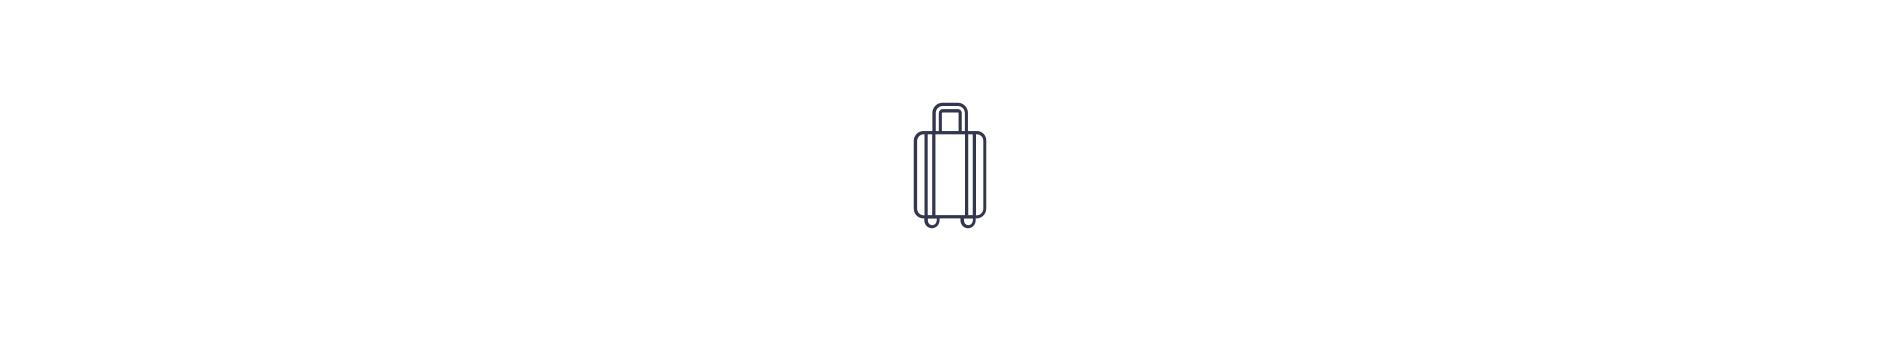 Accessoires - Articles de voyage - Trousses